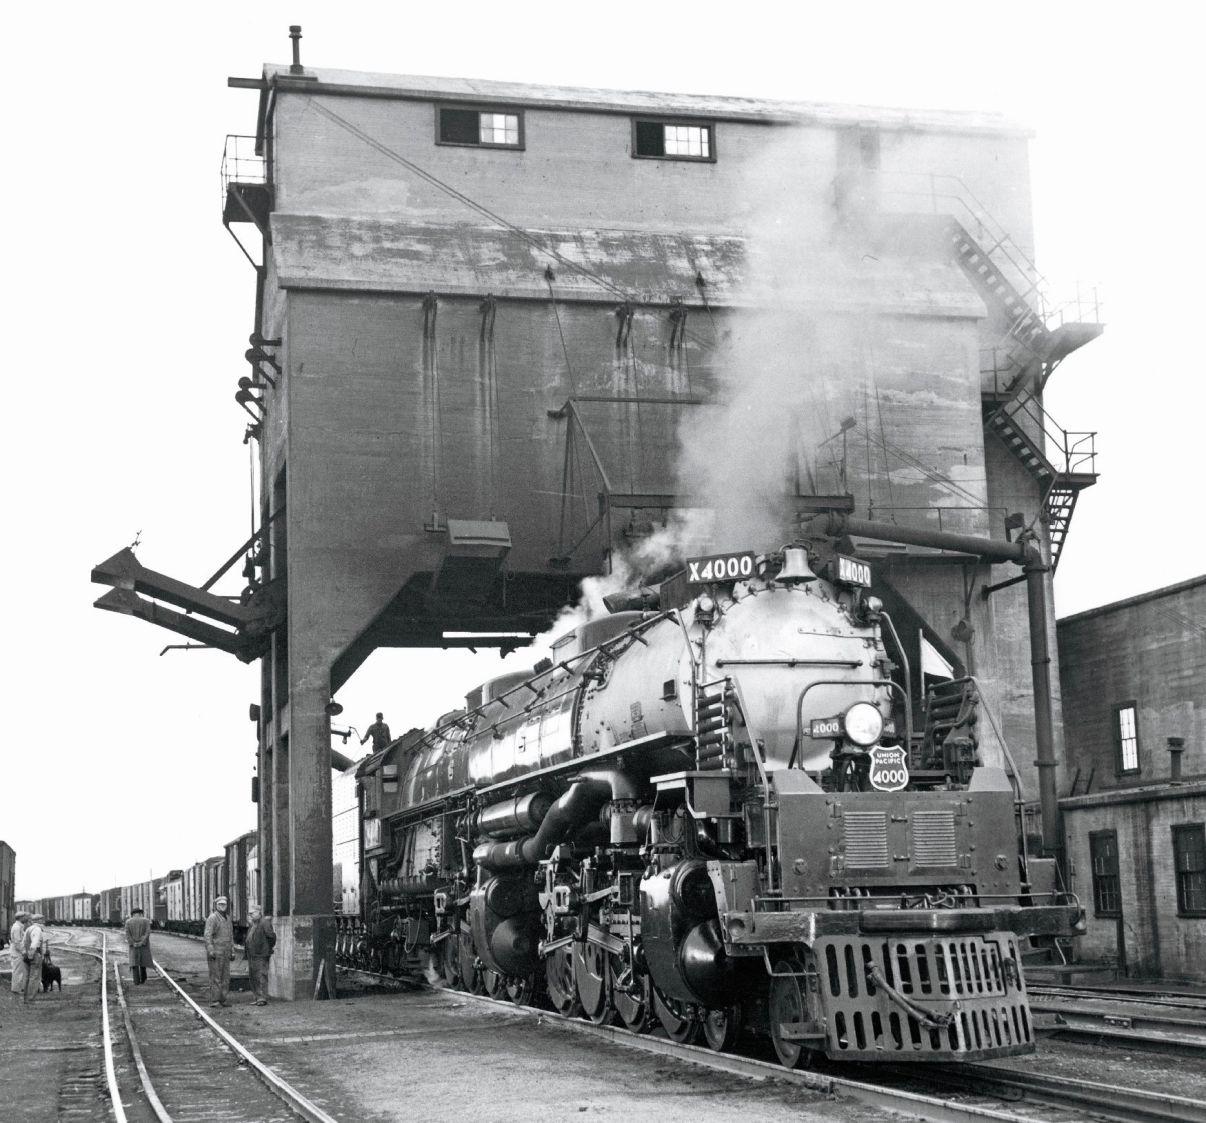 worlds biggest locomotive engine